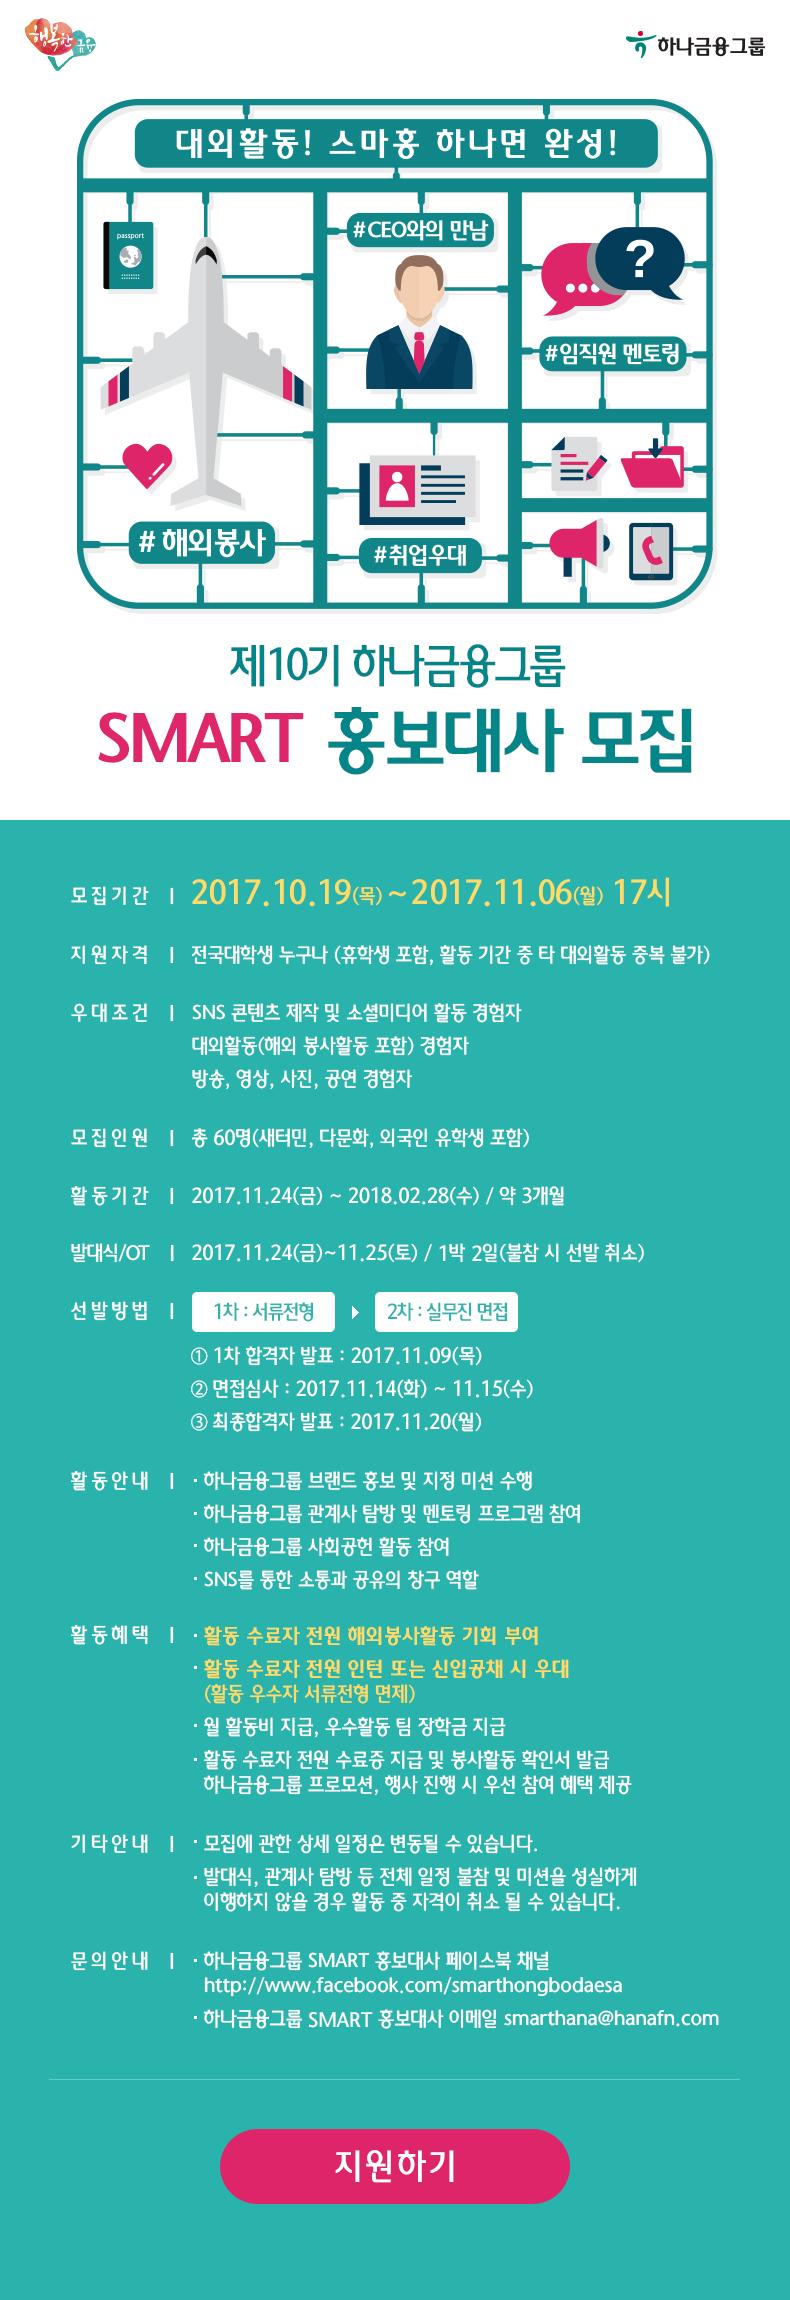 제10기 하나금융그룹 SMART홍보대사 모집